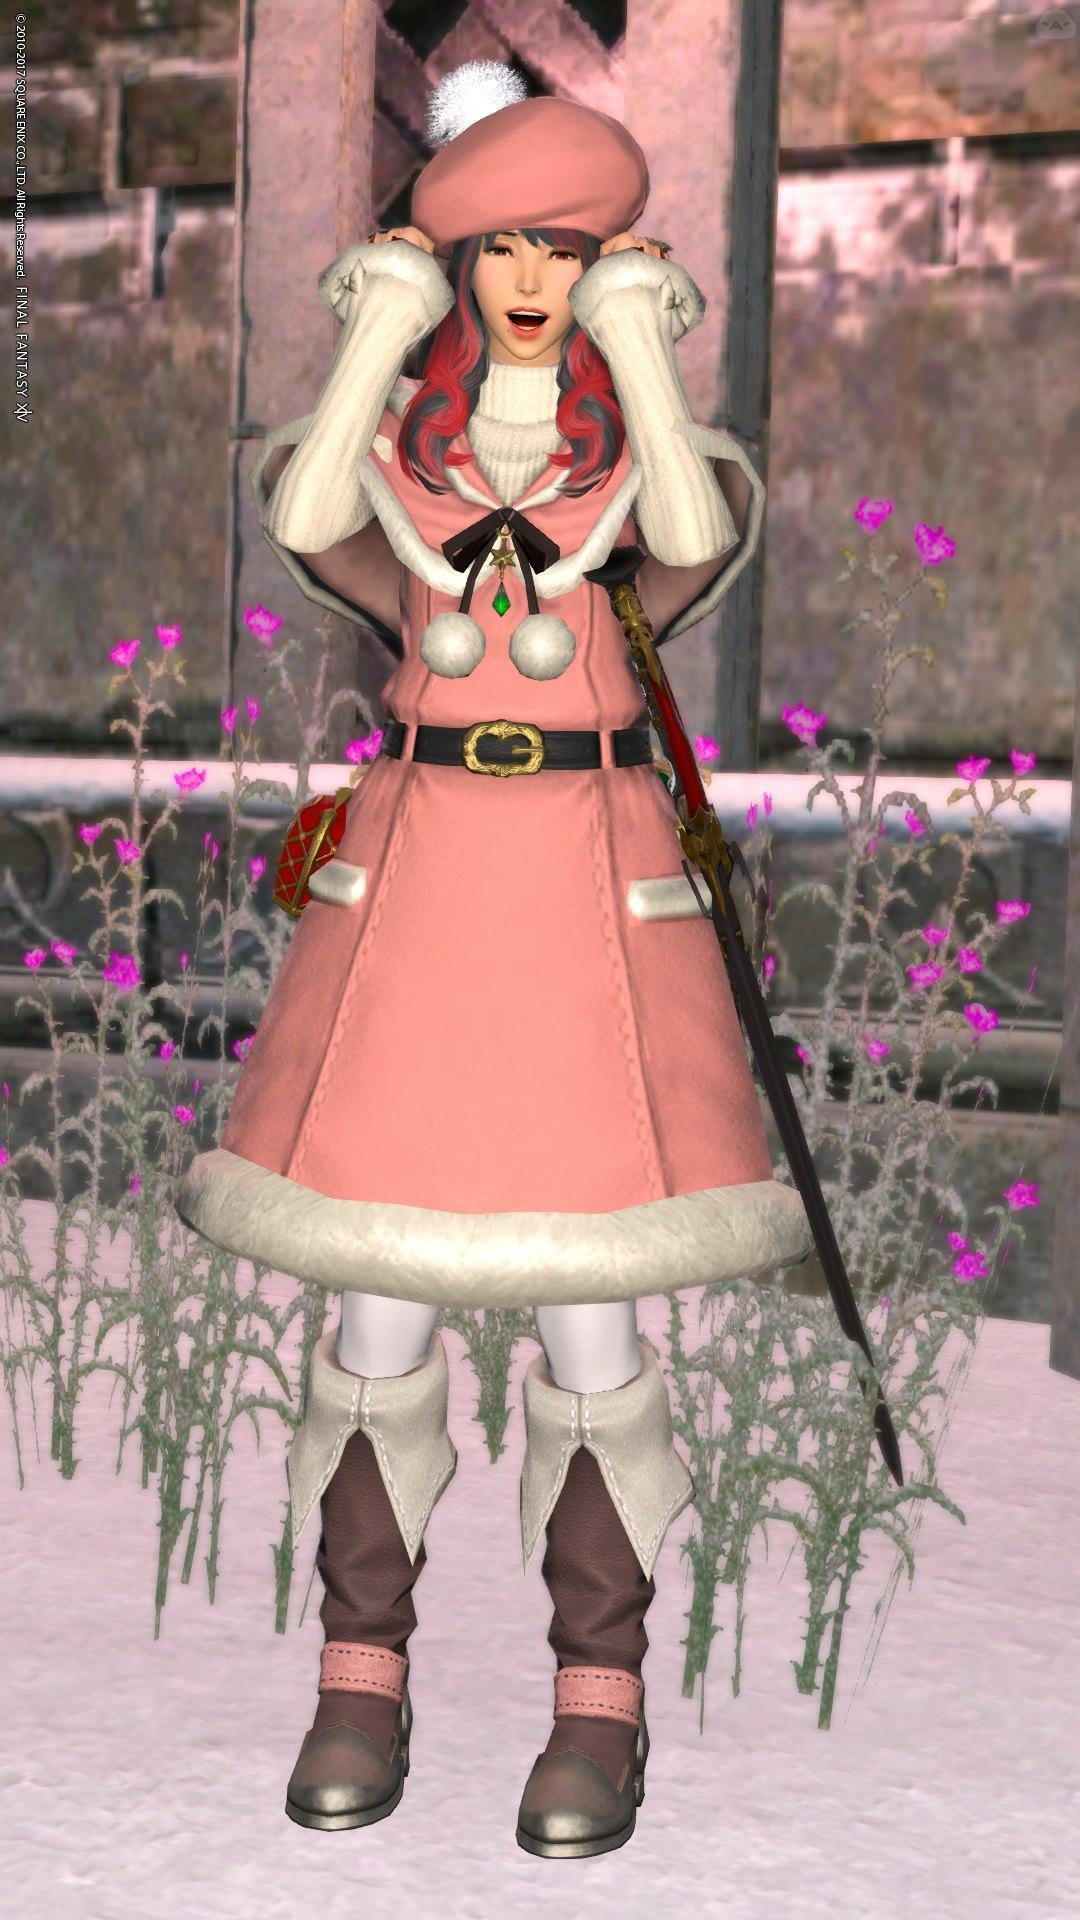 ピンクのふわふわサンタさん